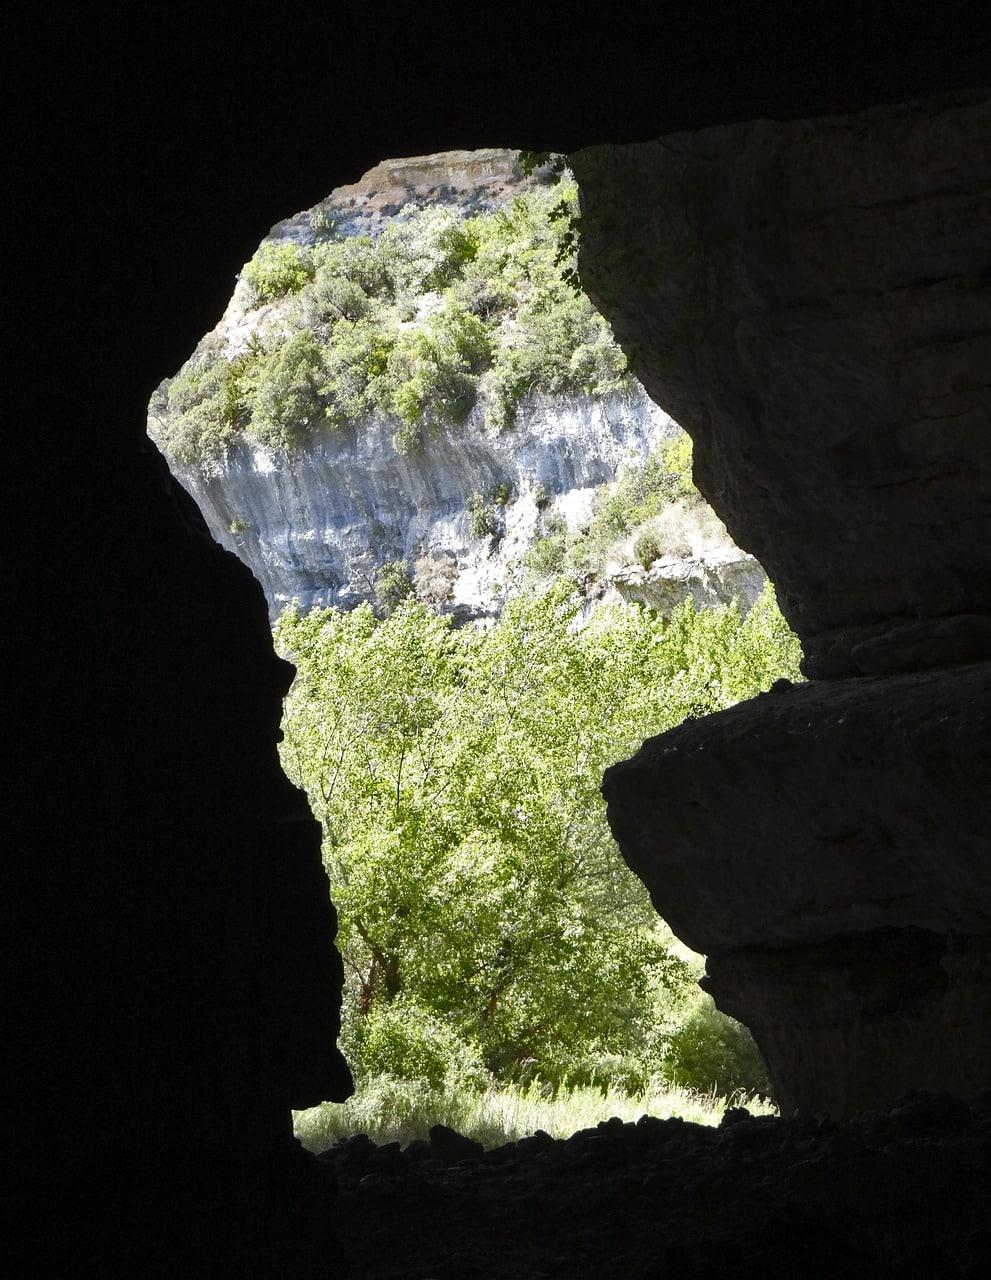 Qu'est ce que l'allégorie de la caverne selon Platon ?